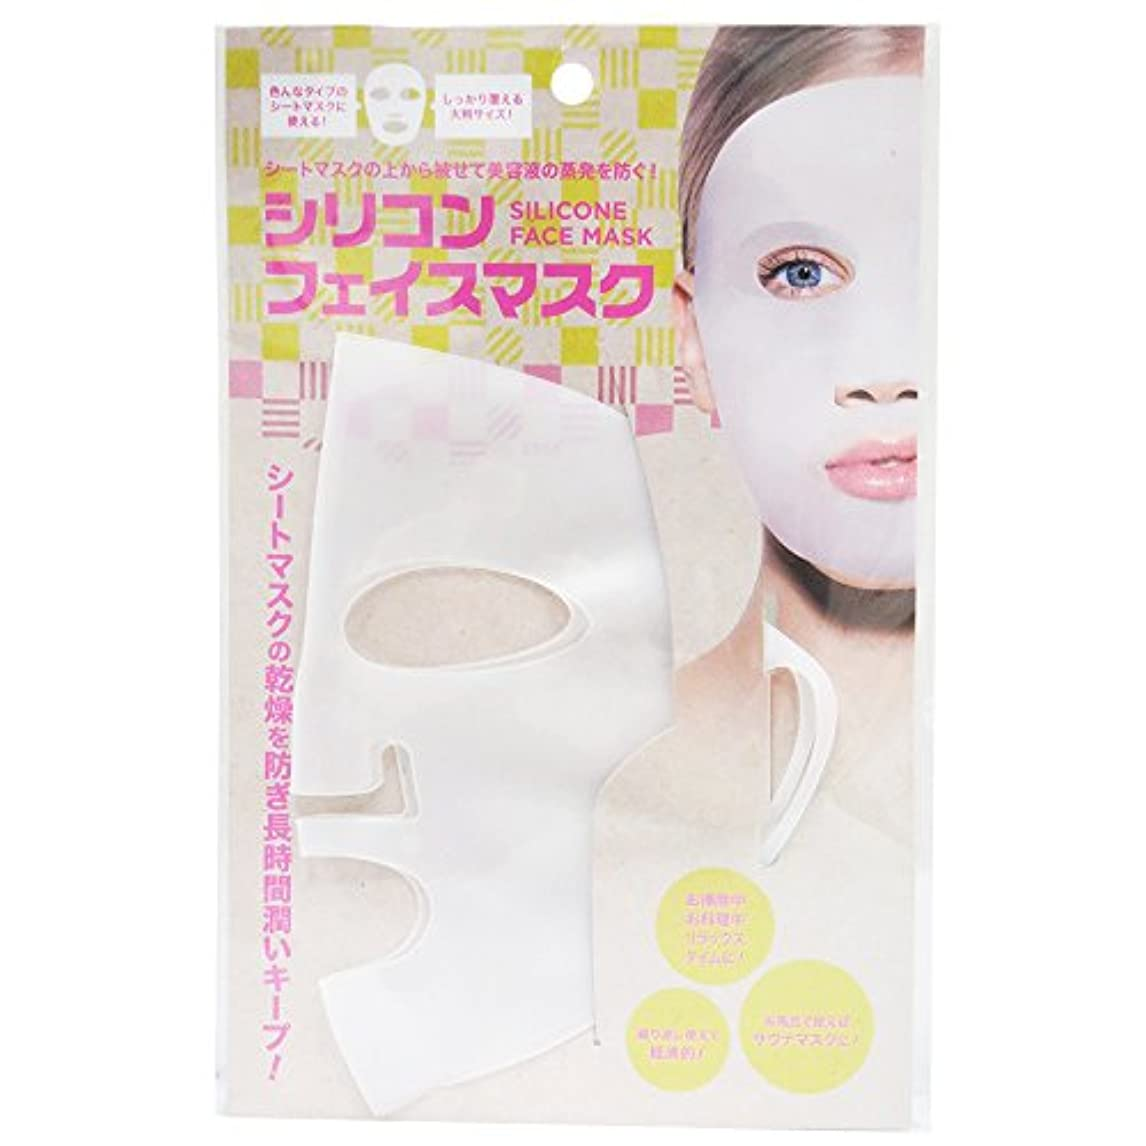 ヒントソーセージ見習いシリコンフェイスマスク